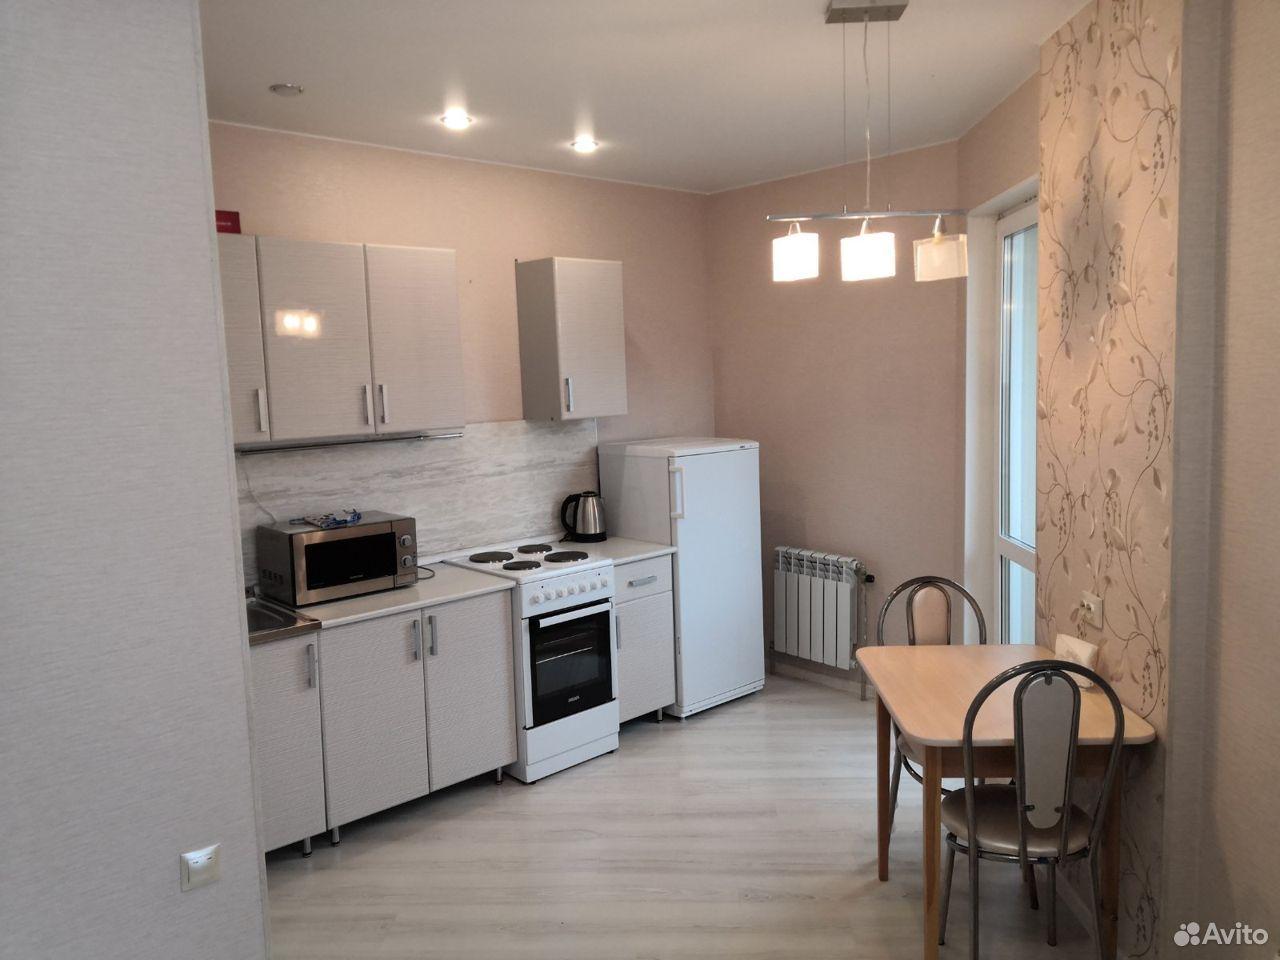 2-к квартира, 45 м², 4/17 эт.  89630211866 купить 1